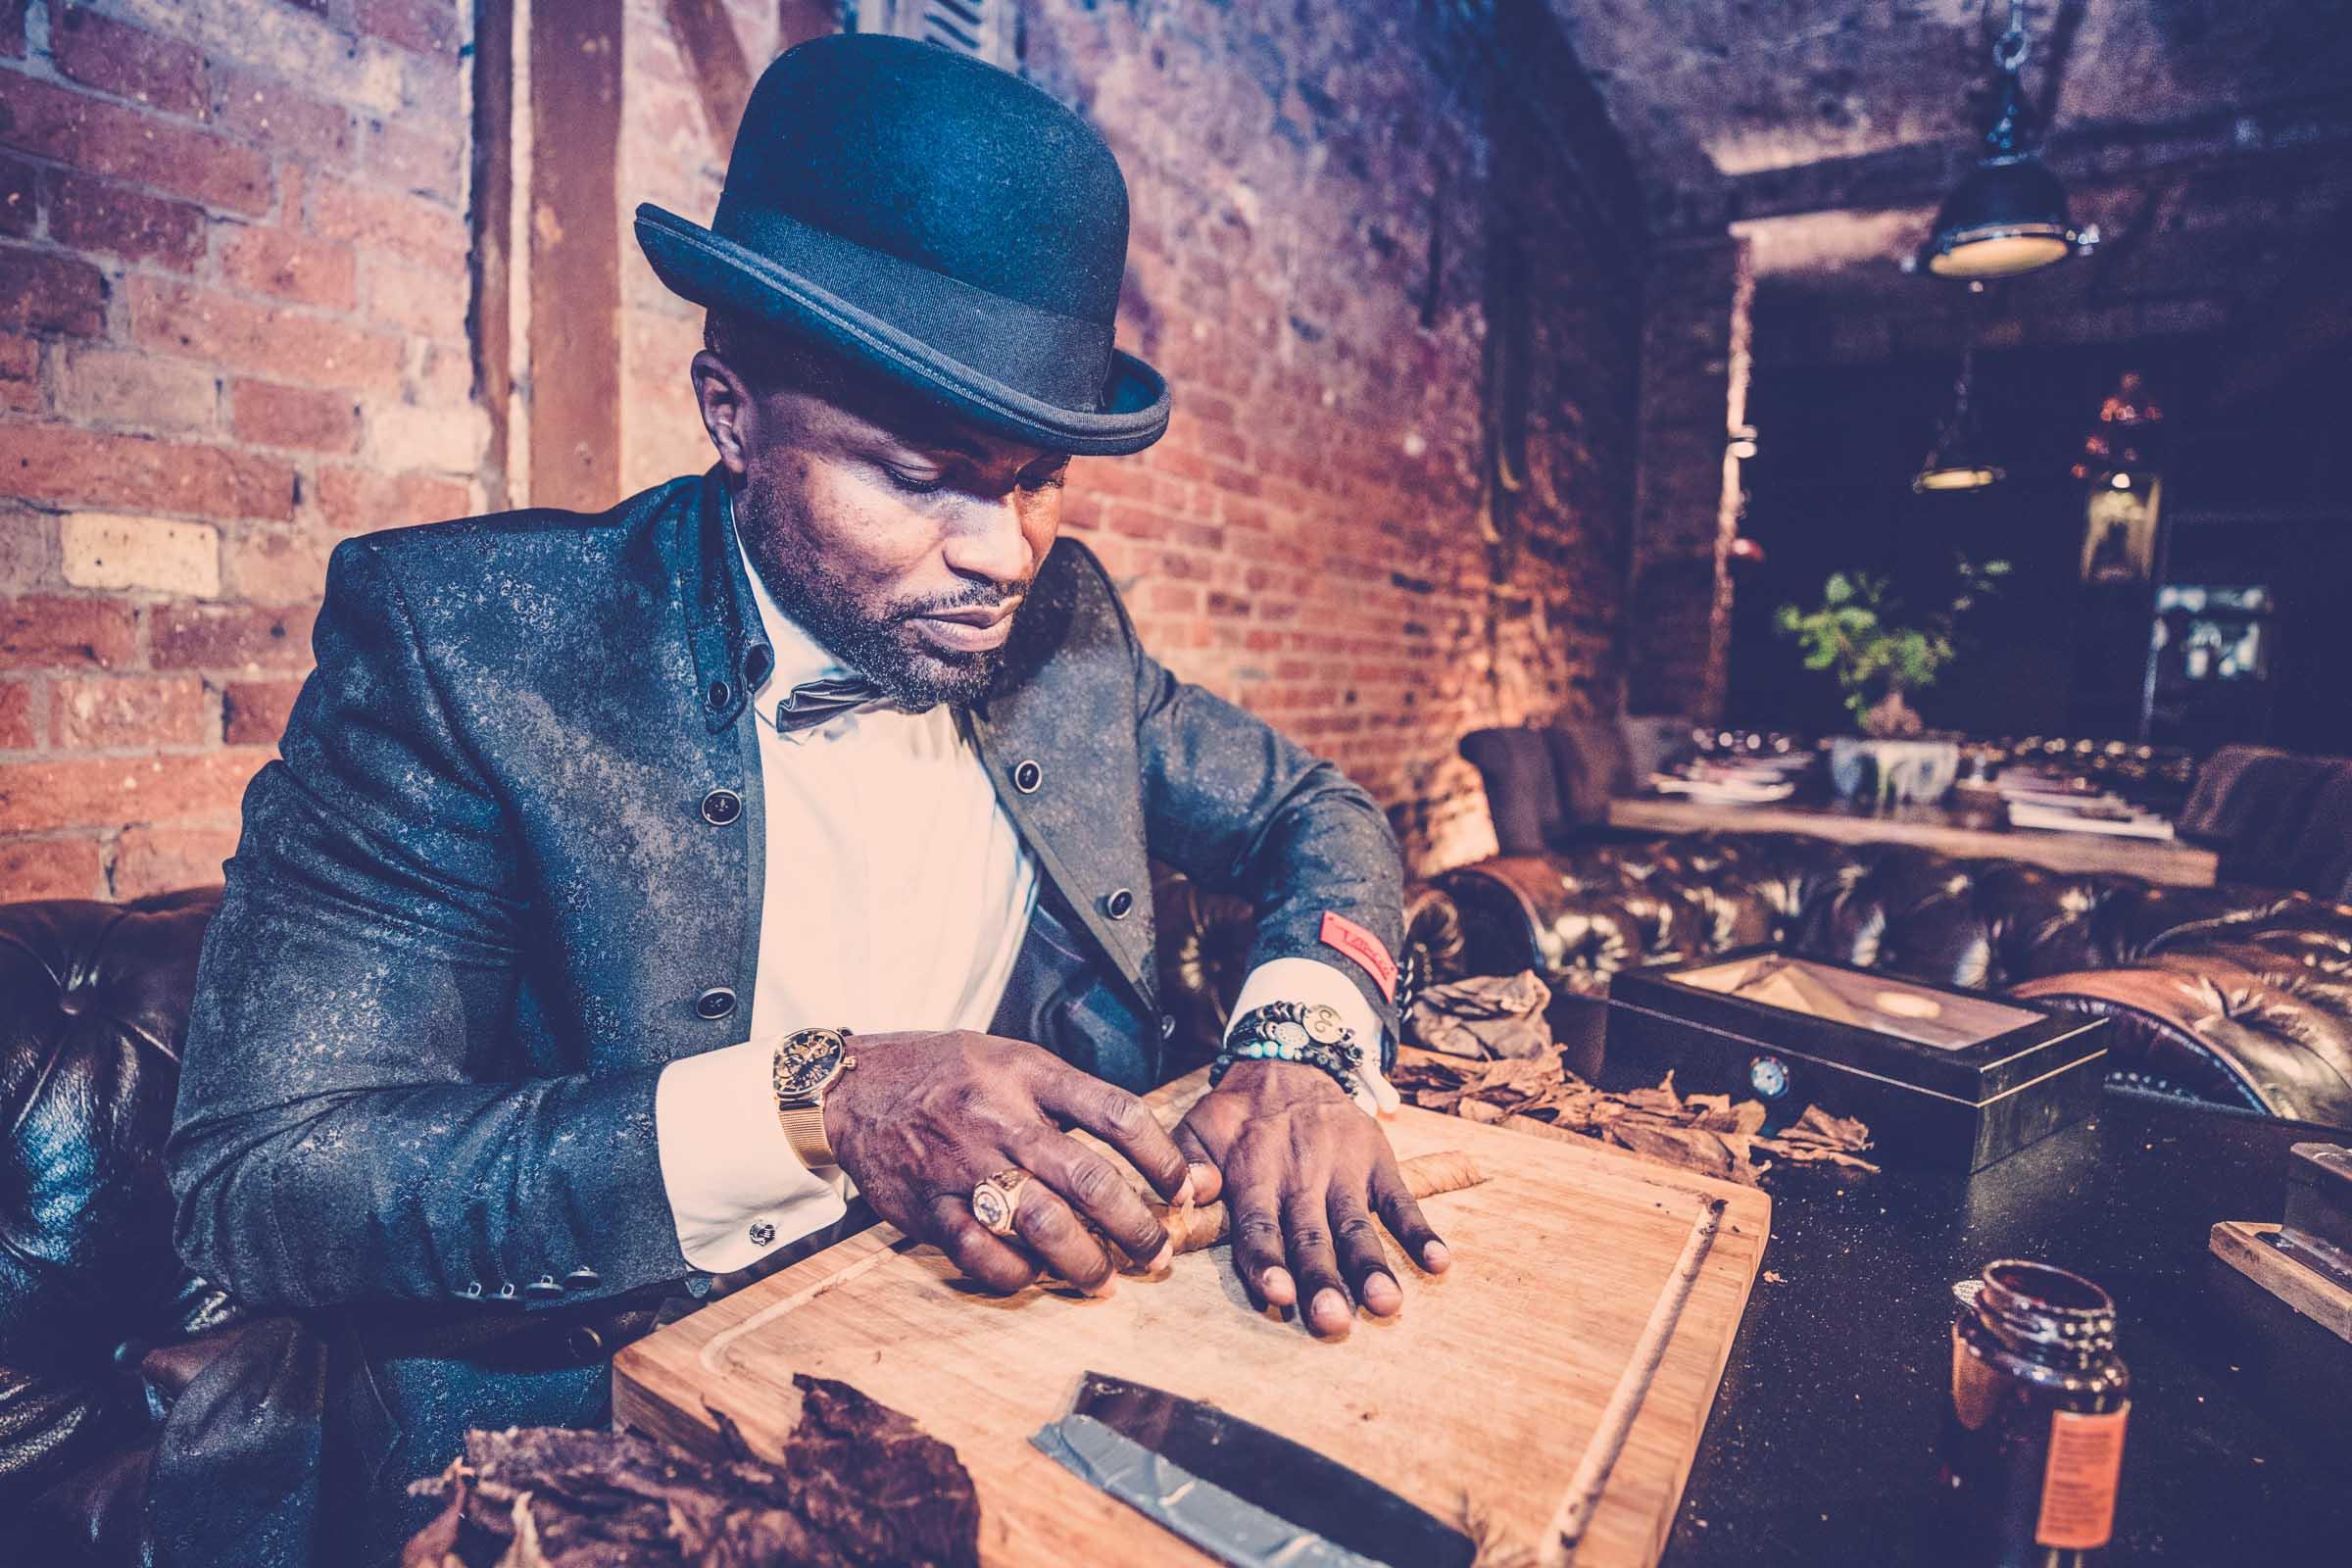 Zigarrenroller | Zigarrendreher | Buchen | Mieten | Anfragen